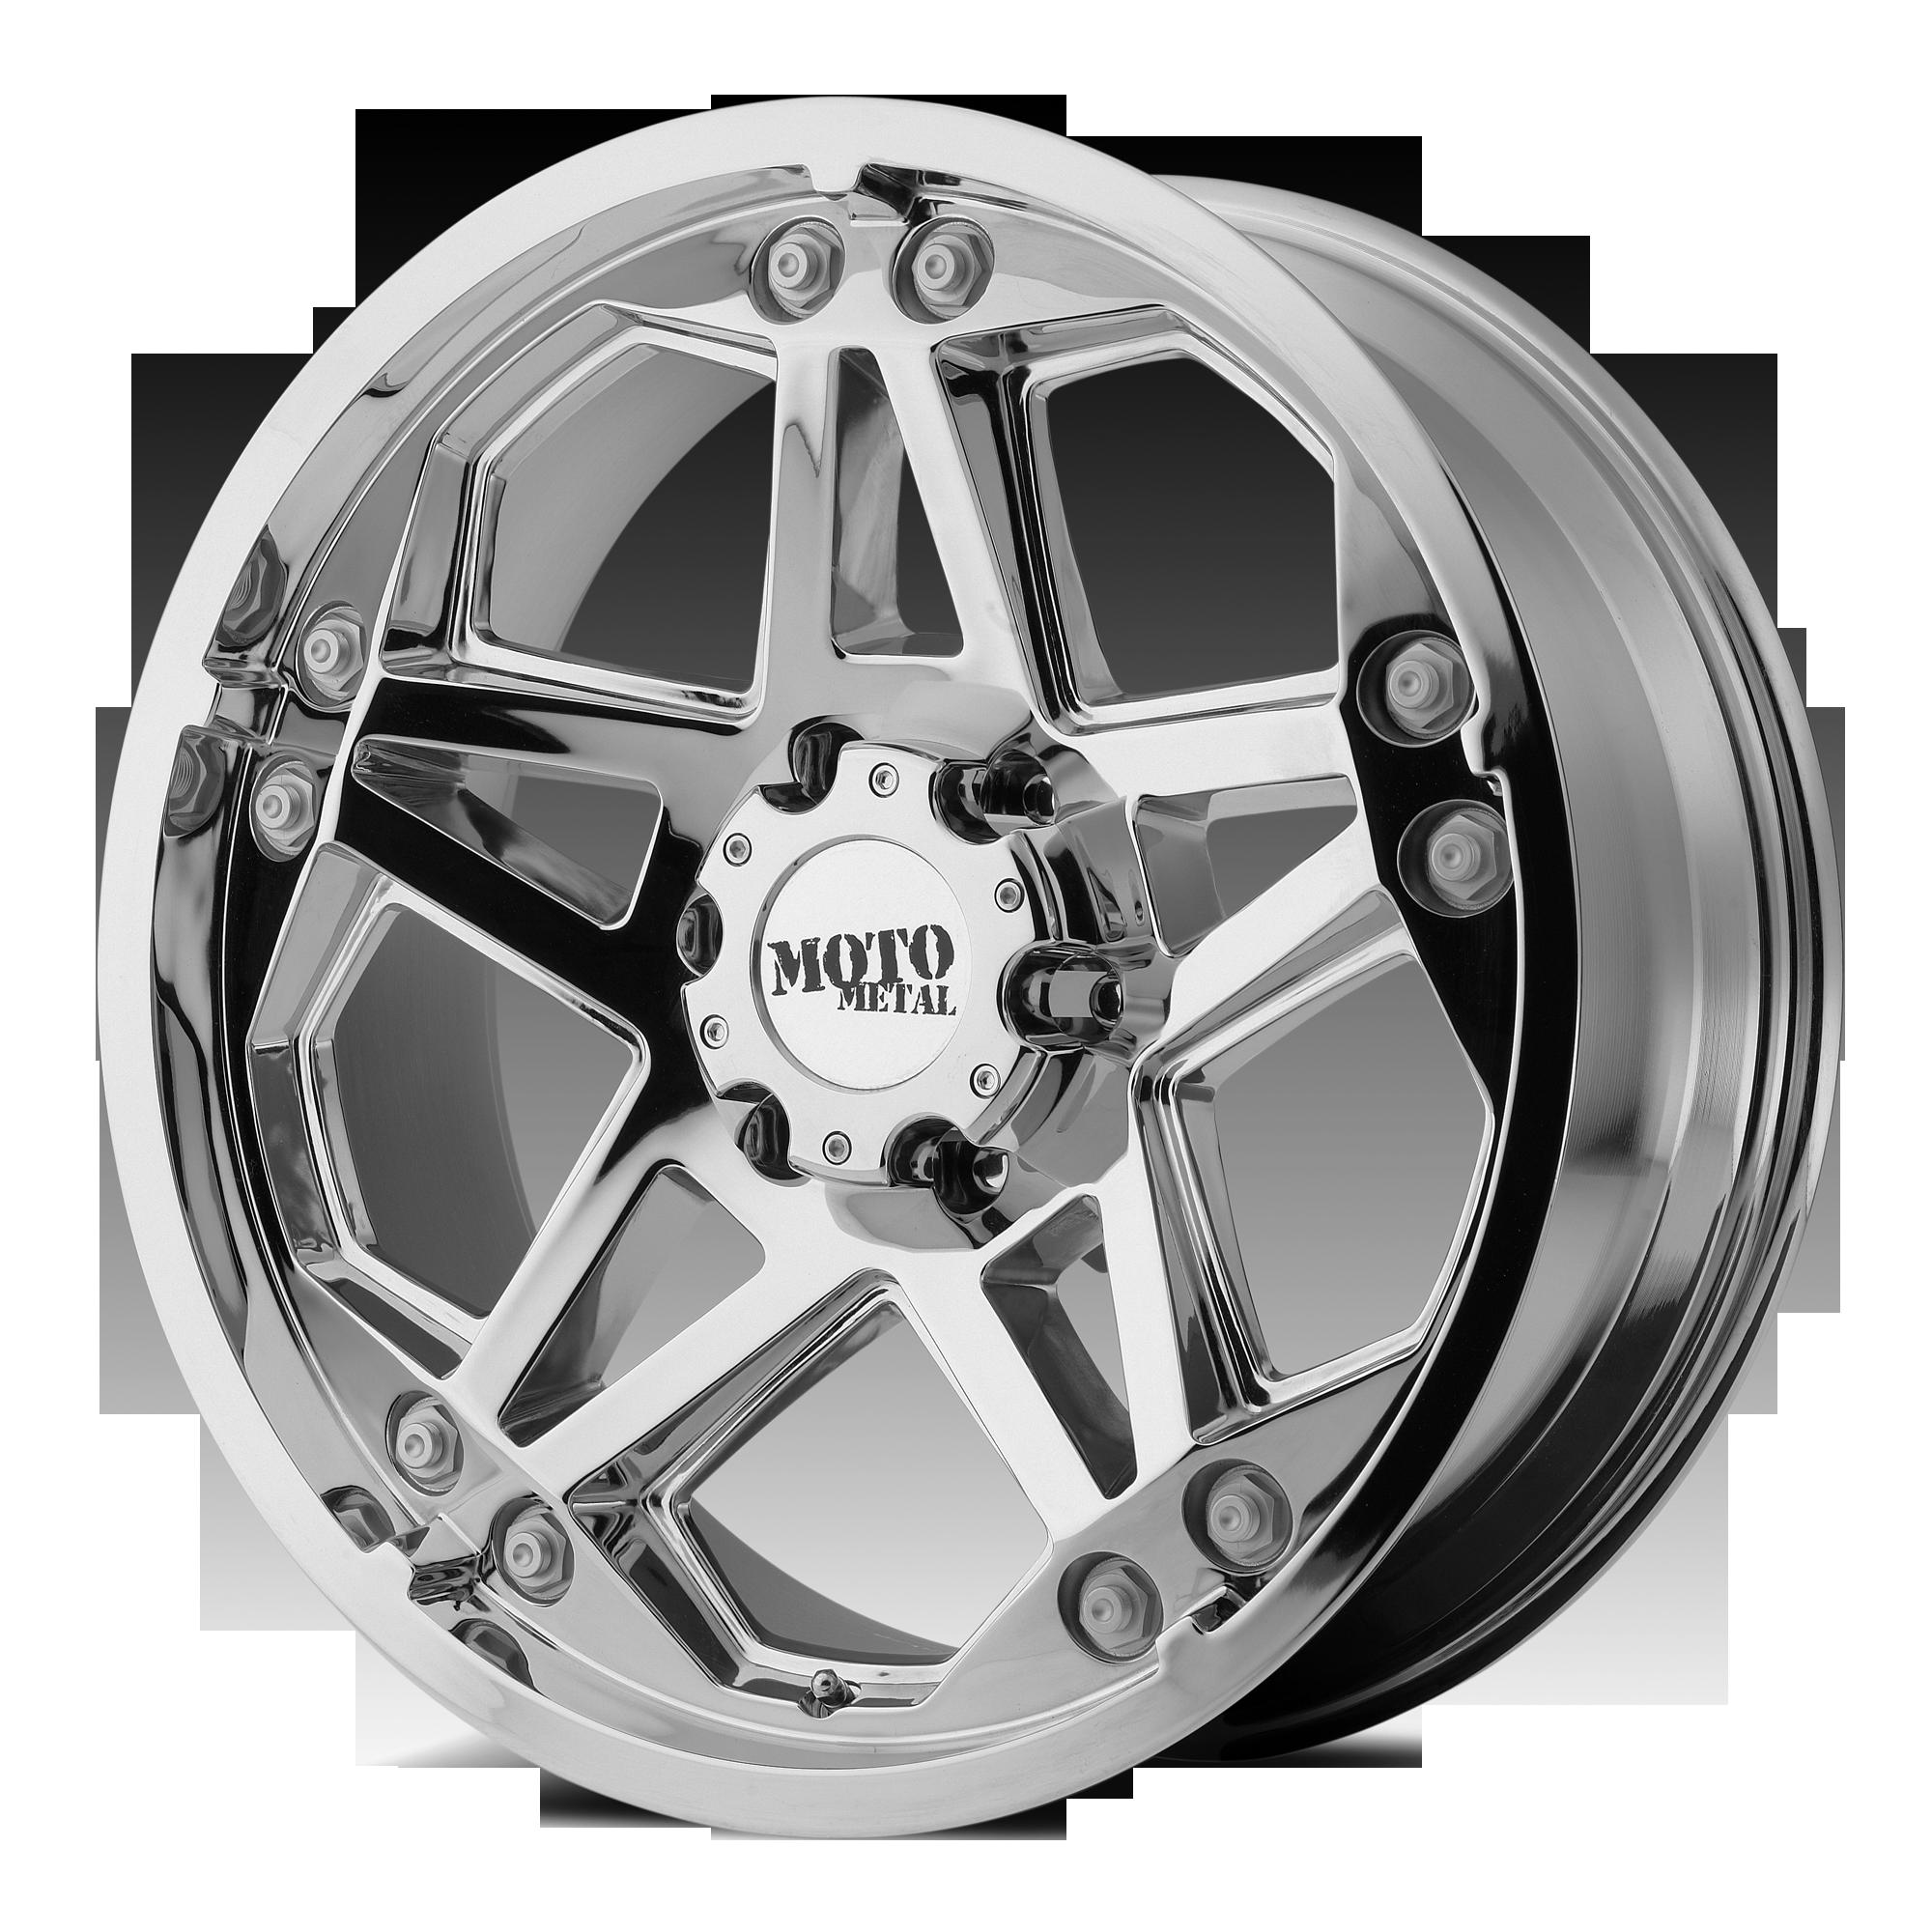 Moto Metal MO96078088200